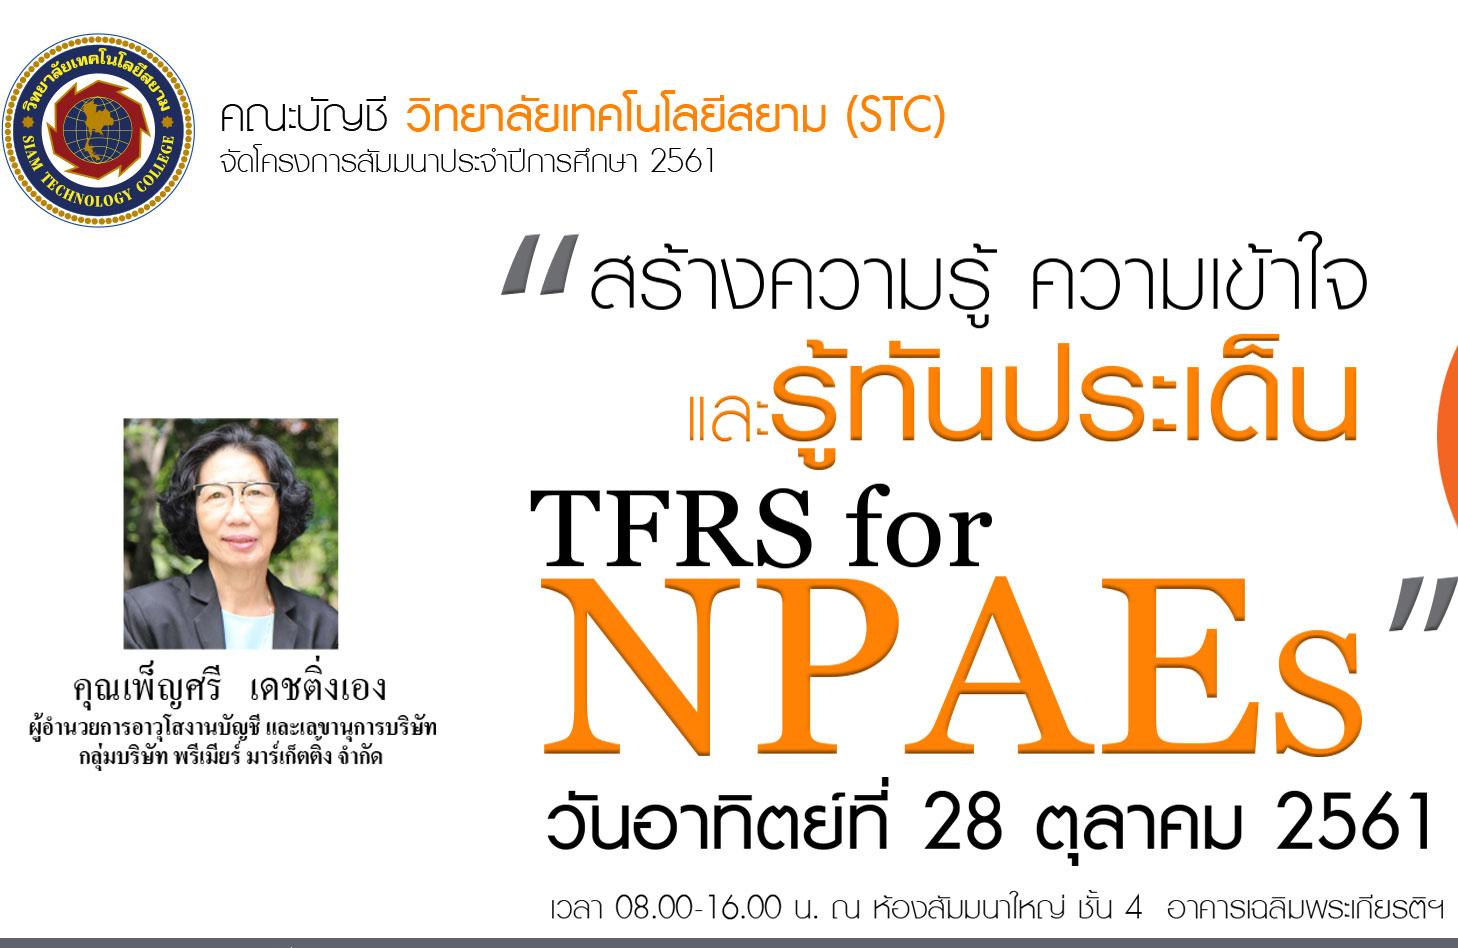 คณะบัญชี วิทยาลัยเทคโนโลยีสยาม (STC) จัดอบรม/สัมมนา  เรื่อง สร้างความรู้ ความเข้าใจ และรู้ทันประเด็น TFRS for NPAEs